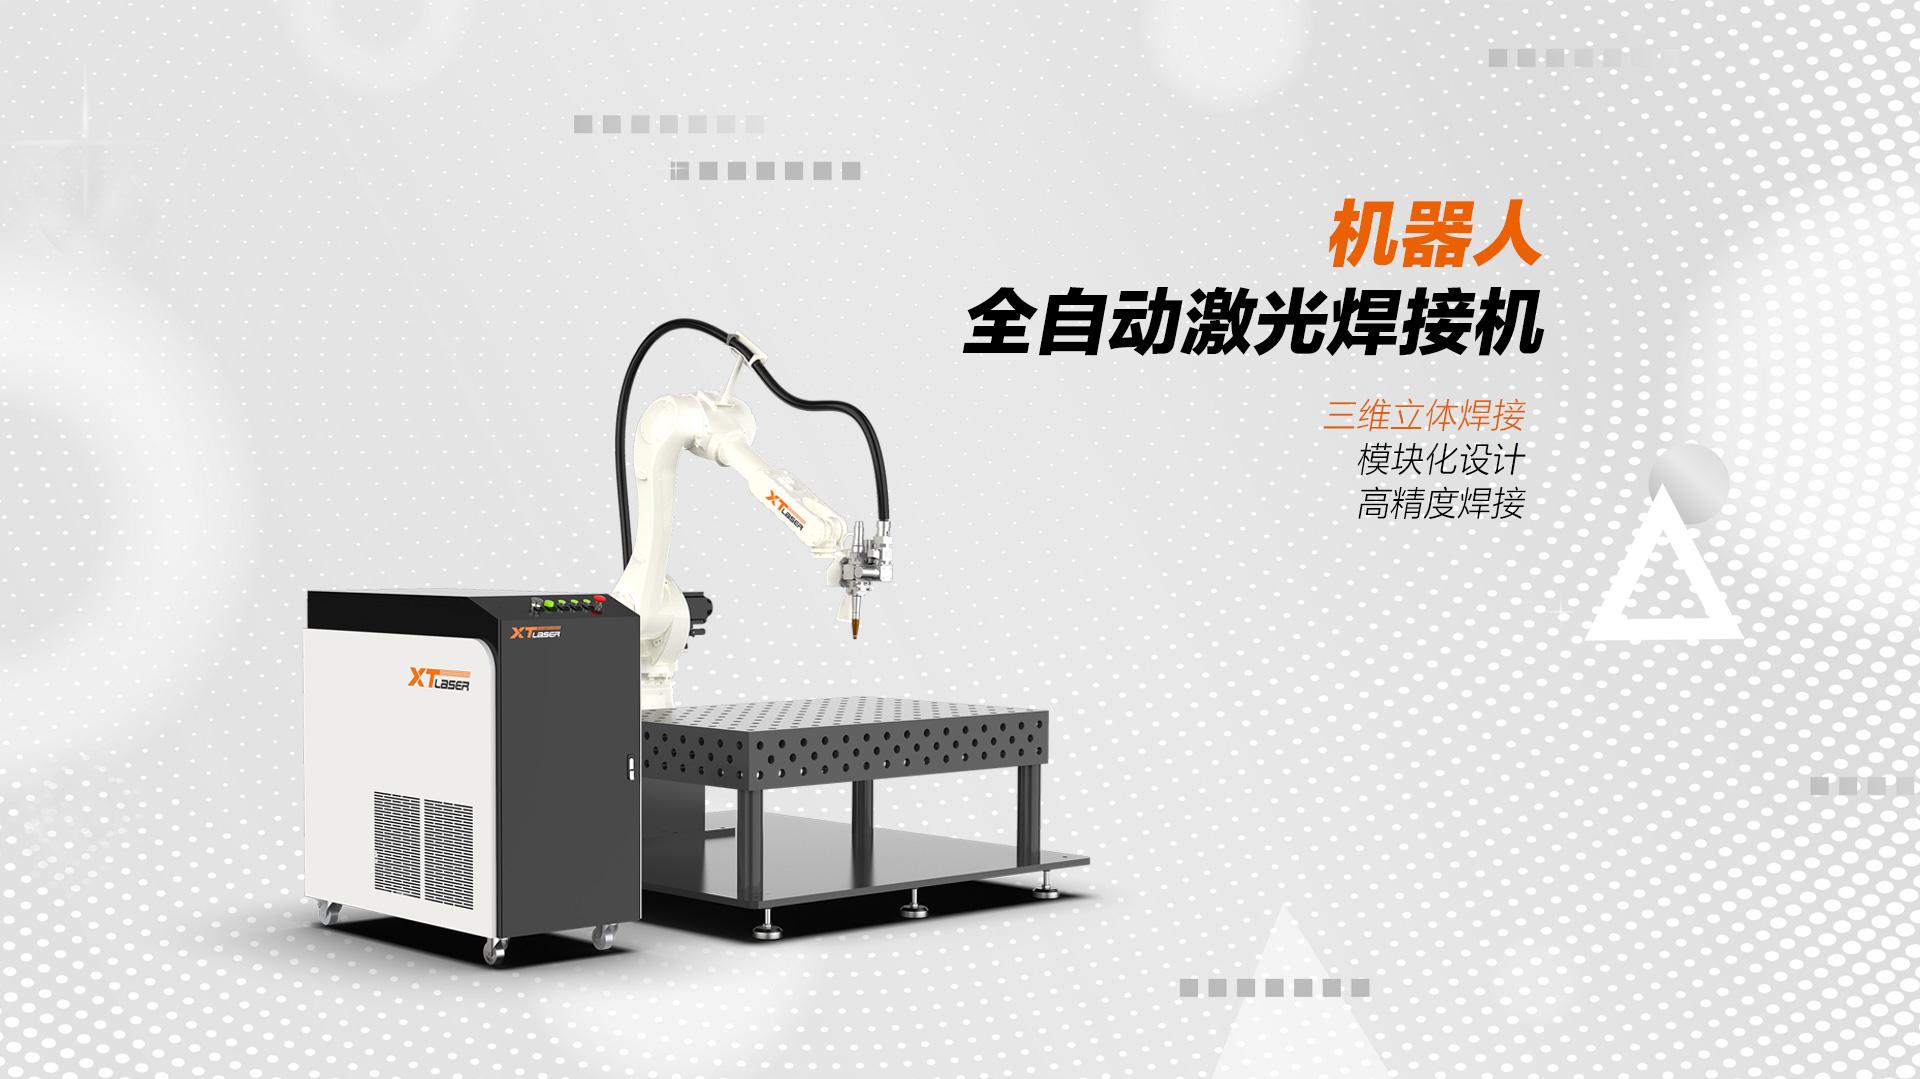 机器人焊接机_01